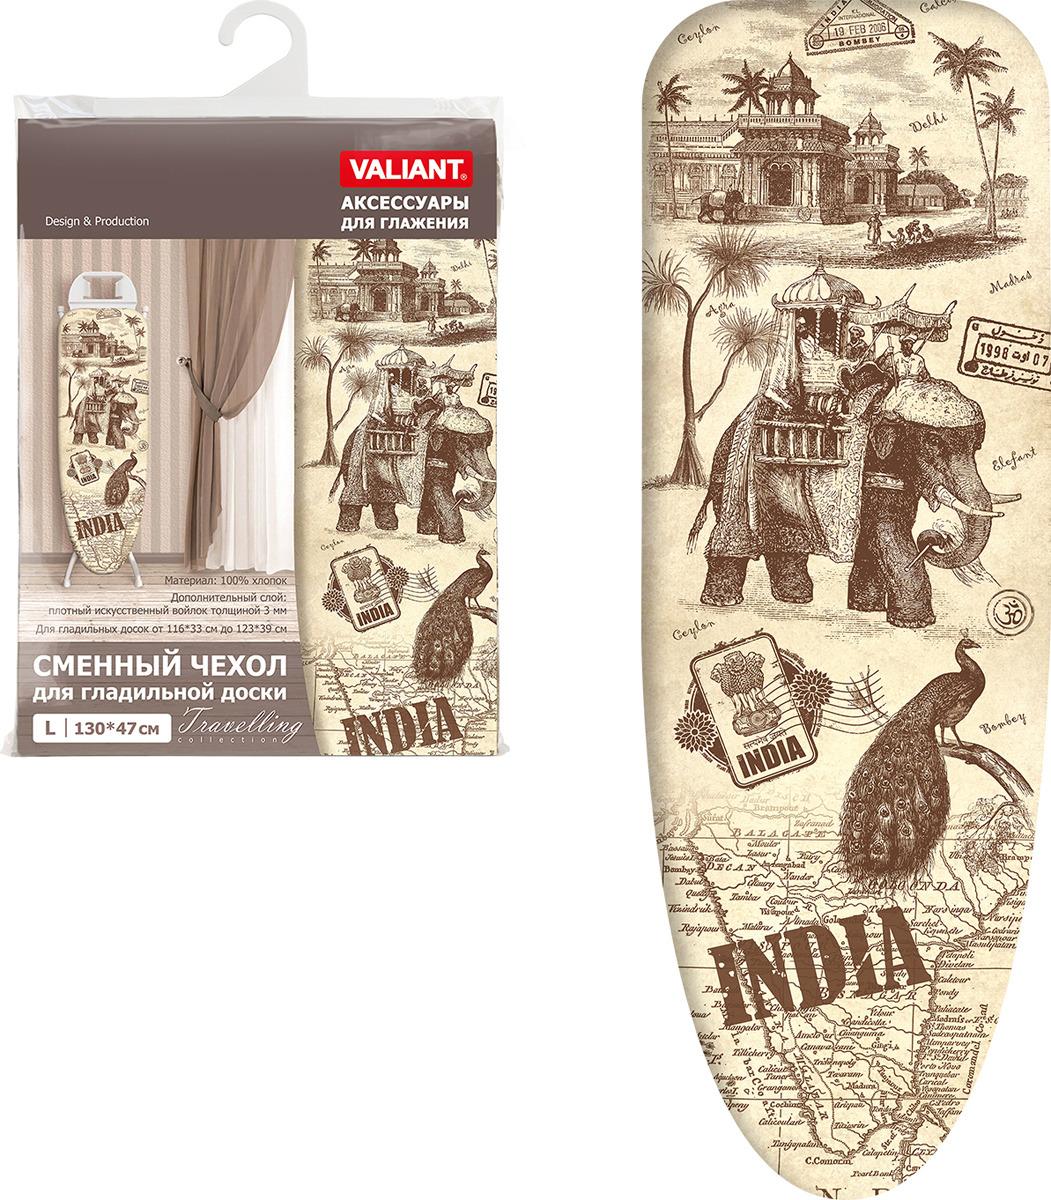 Чехол для гладильной доски Valiant Travelling India, цвет: желтый, 130 х 47 см чехол для гладильной доски eva узоры цвет розовый белый 120 х 38 см